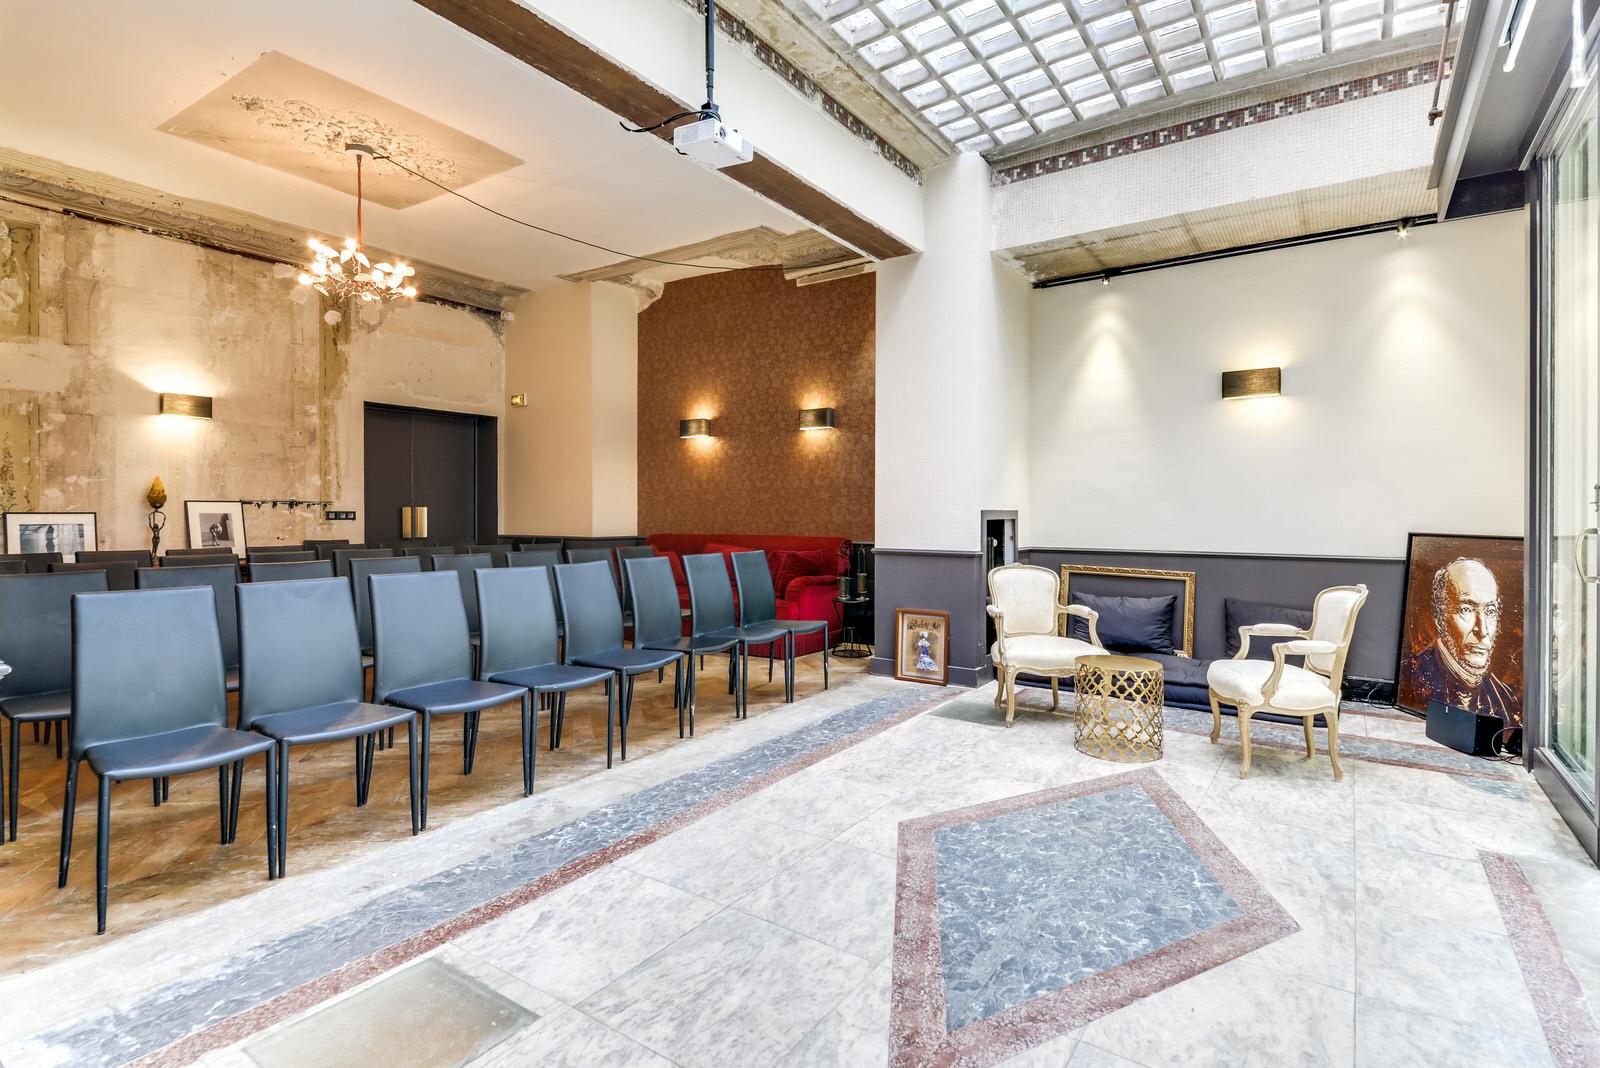 Salle de Conférence - Espace de coworking - Remix Saint-Lazare.jpg